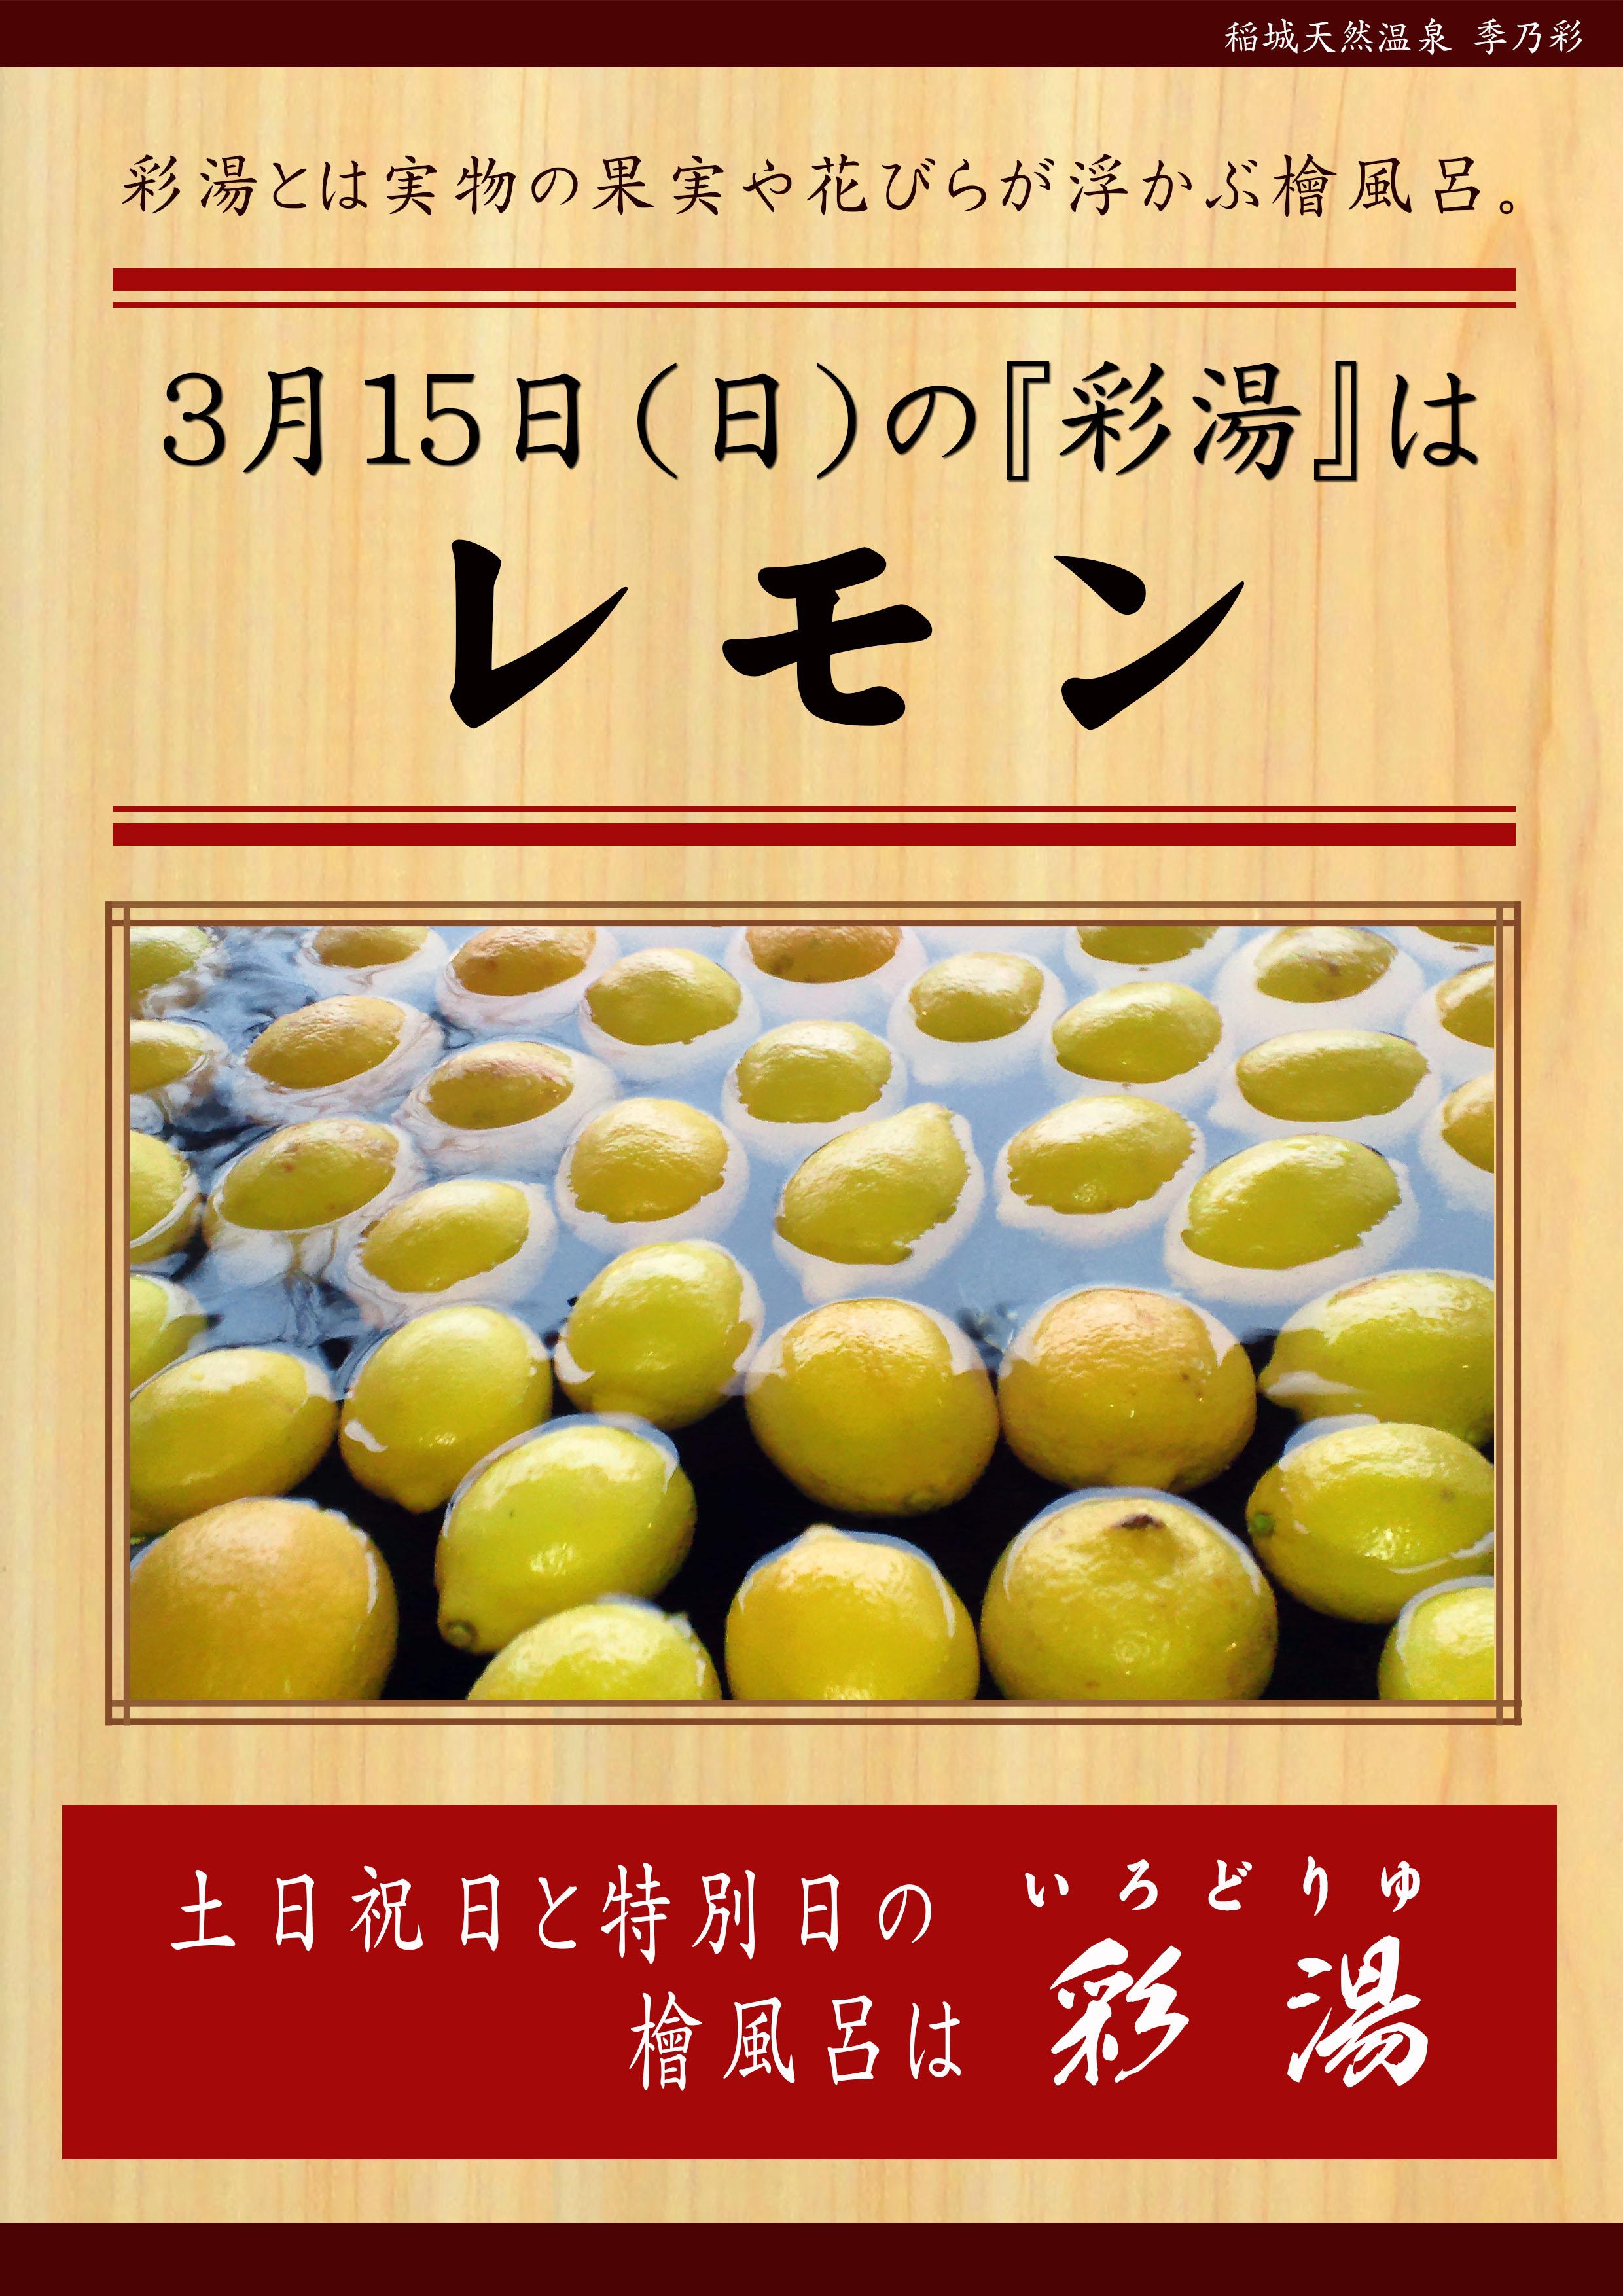 200315 POP イベント 彩湯 レモン